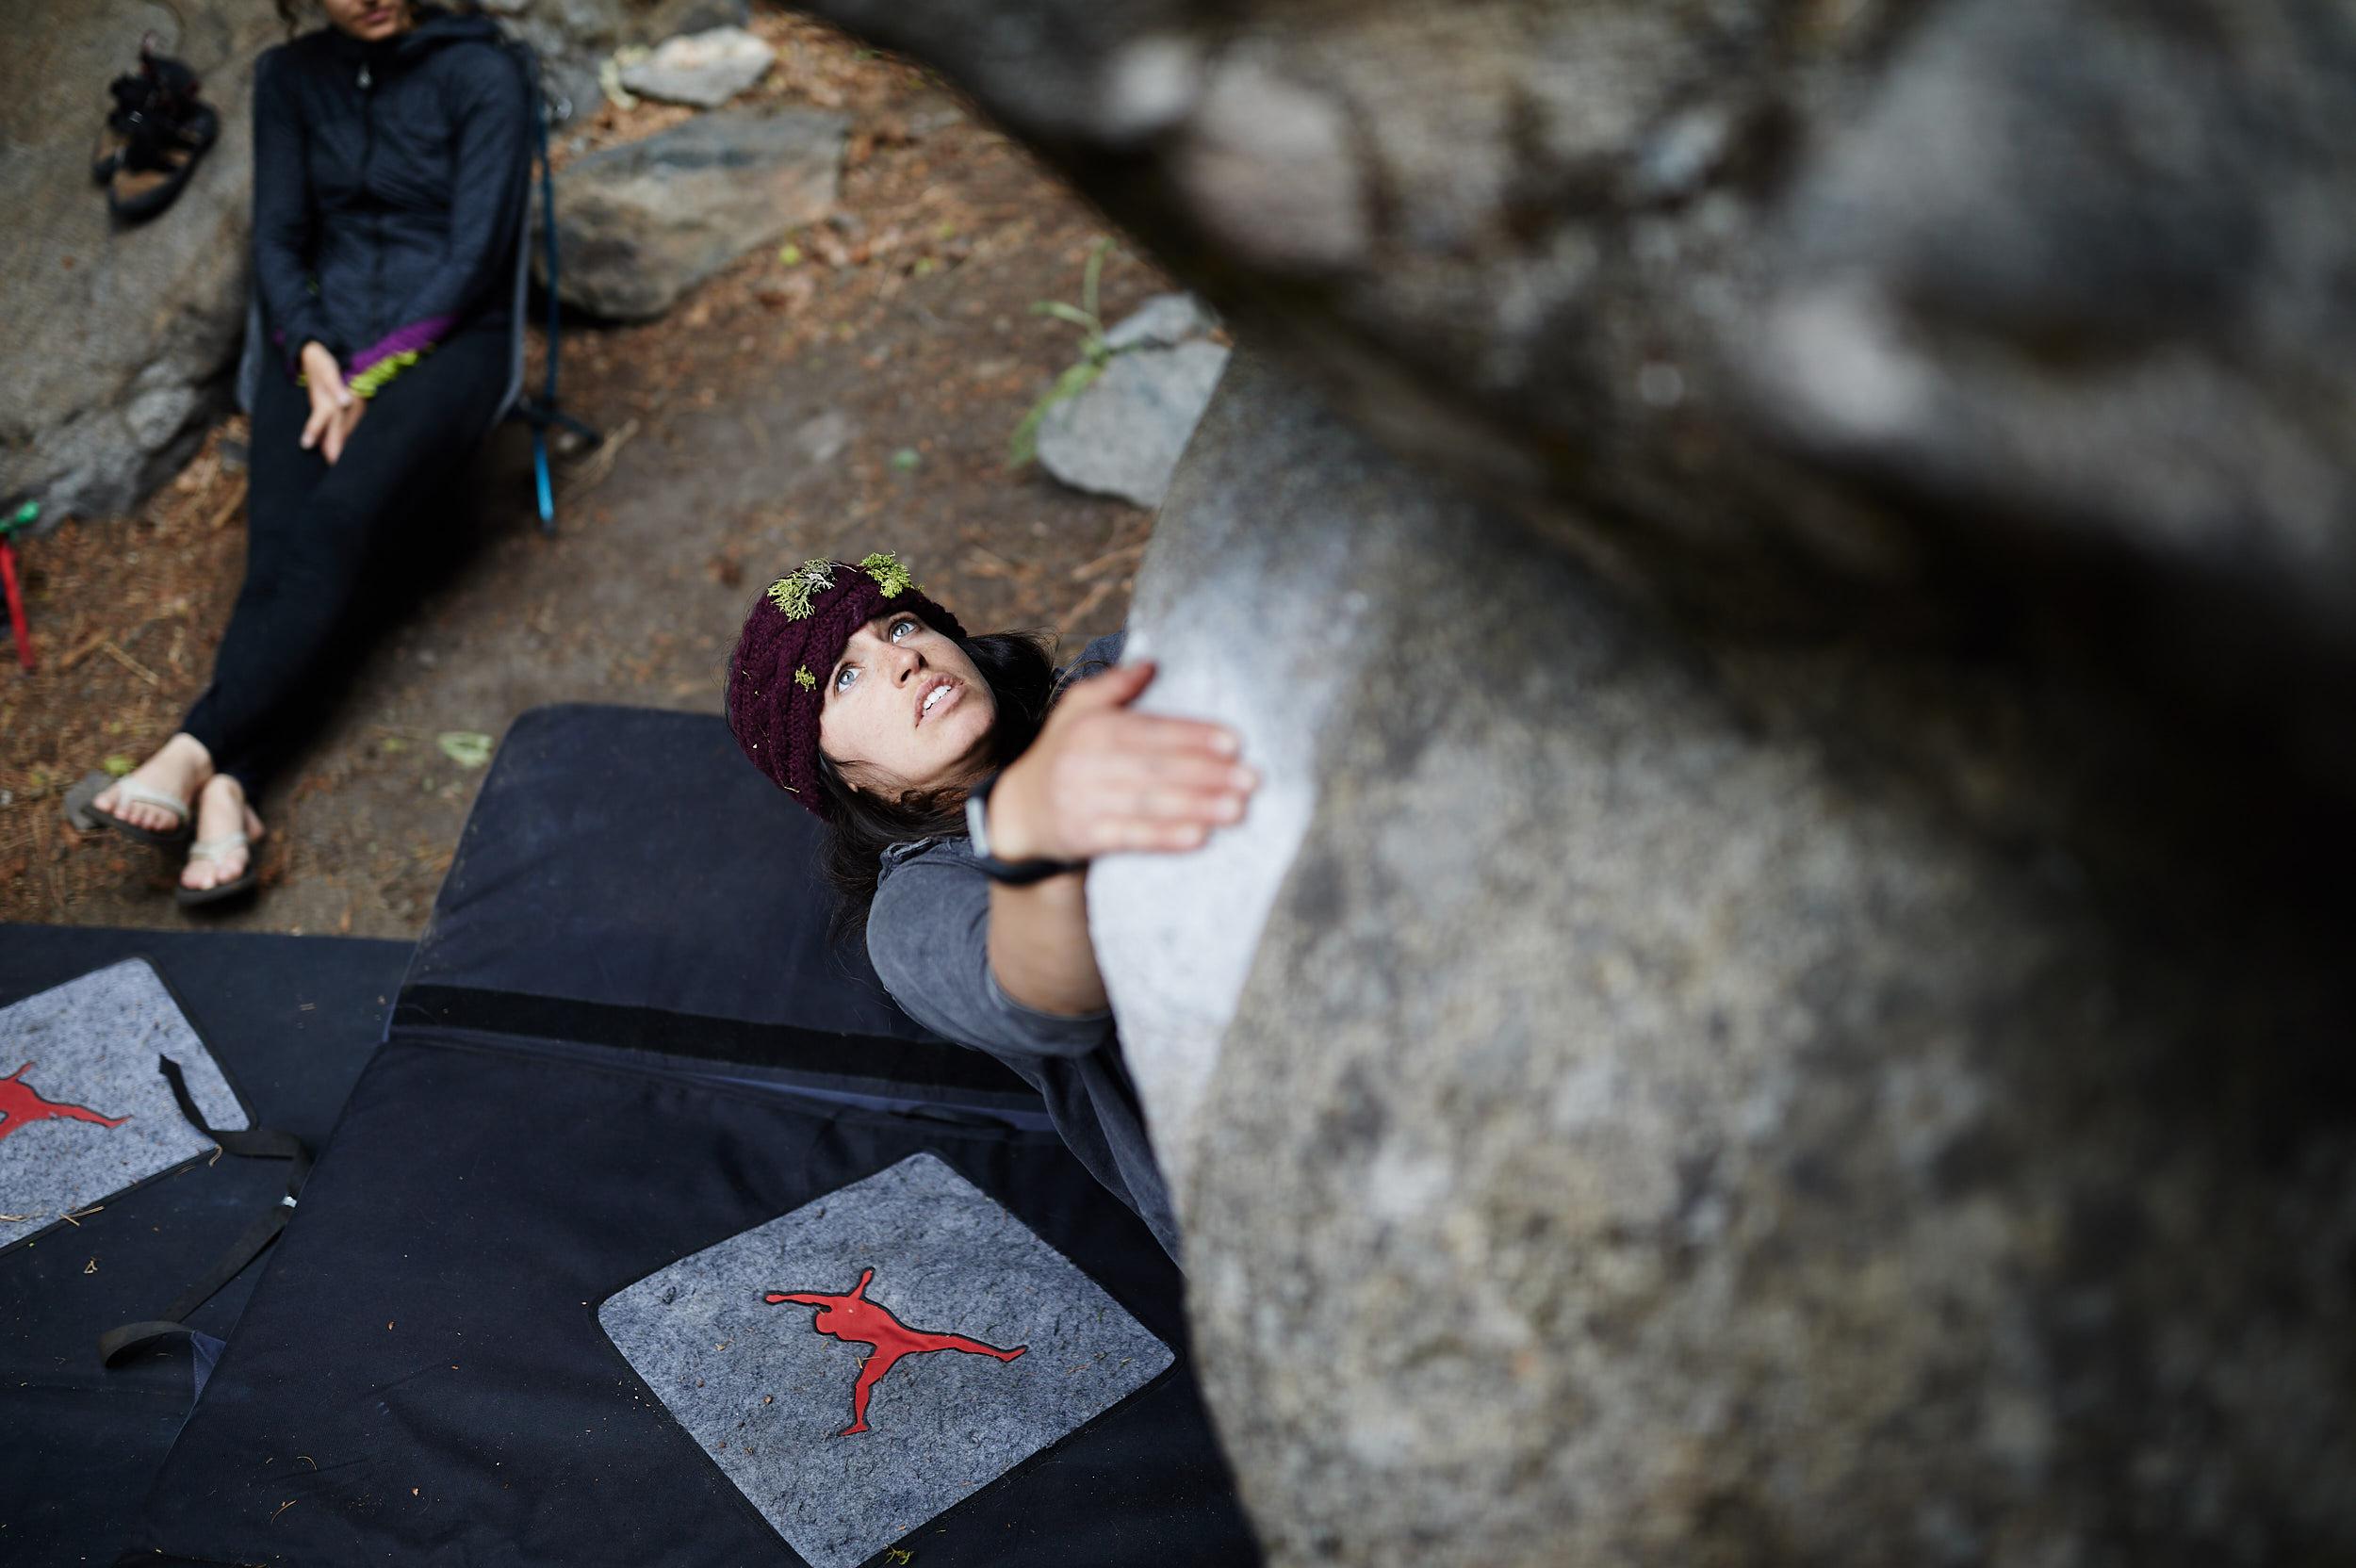 Bouldering in Leavenworth 22.jpg